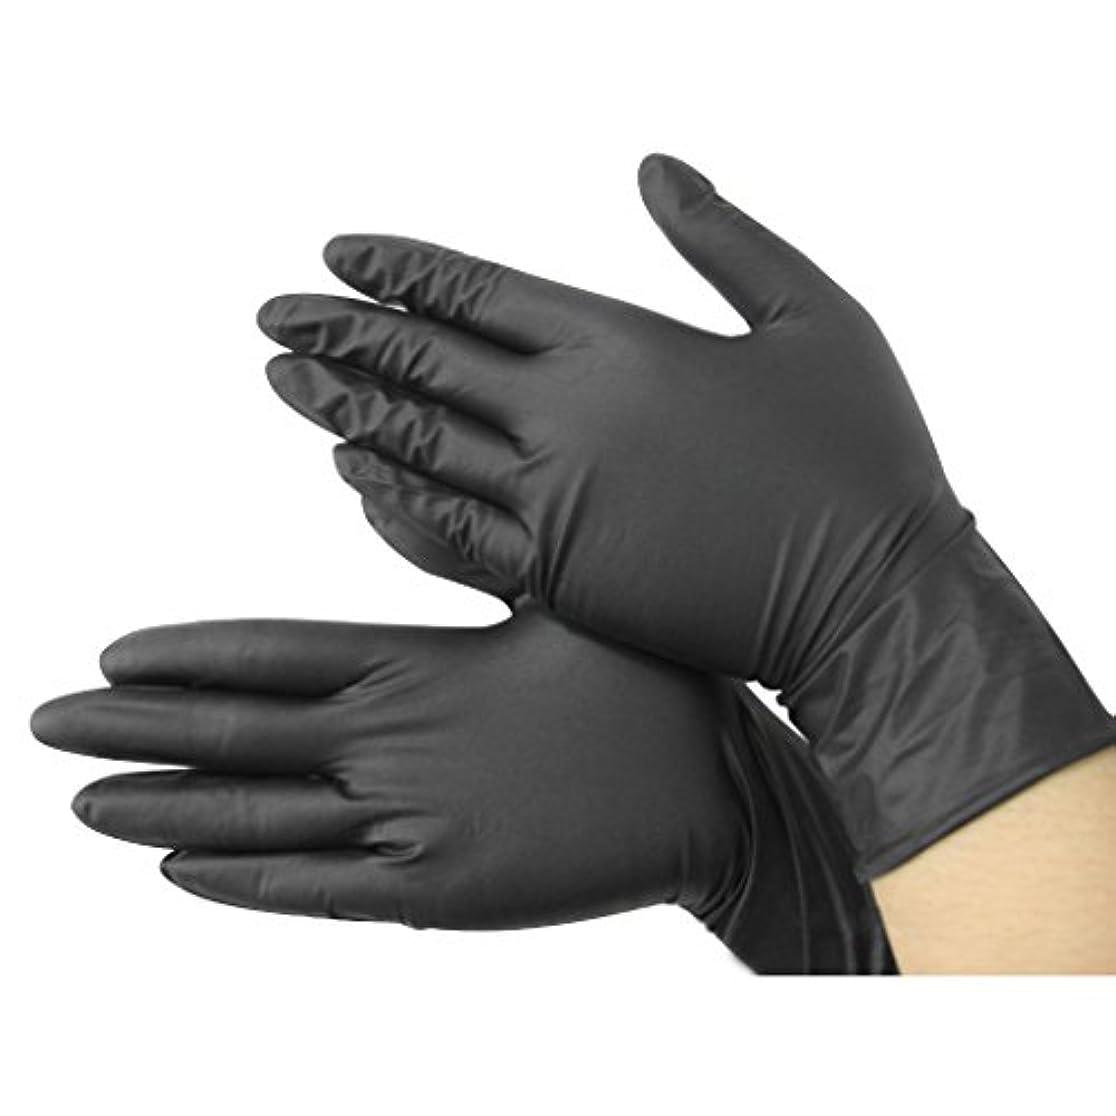 同情チェスをするイブニングCUHAWUDBA 黒いニトリル使い捨てクール手袋 パワーフリーX100 - 入れ墨 - メカニック 新しい